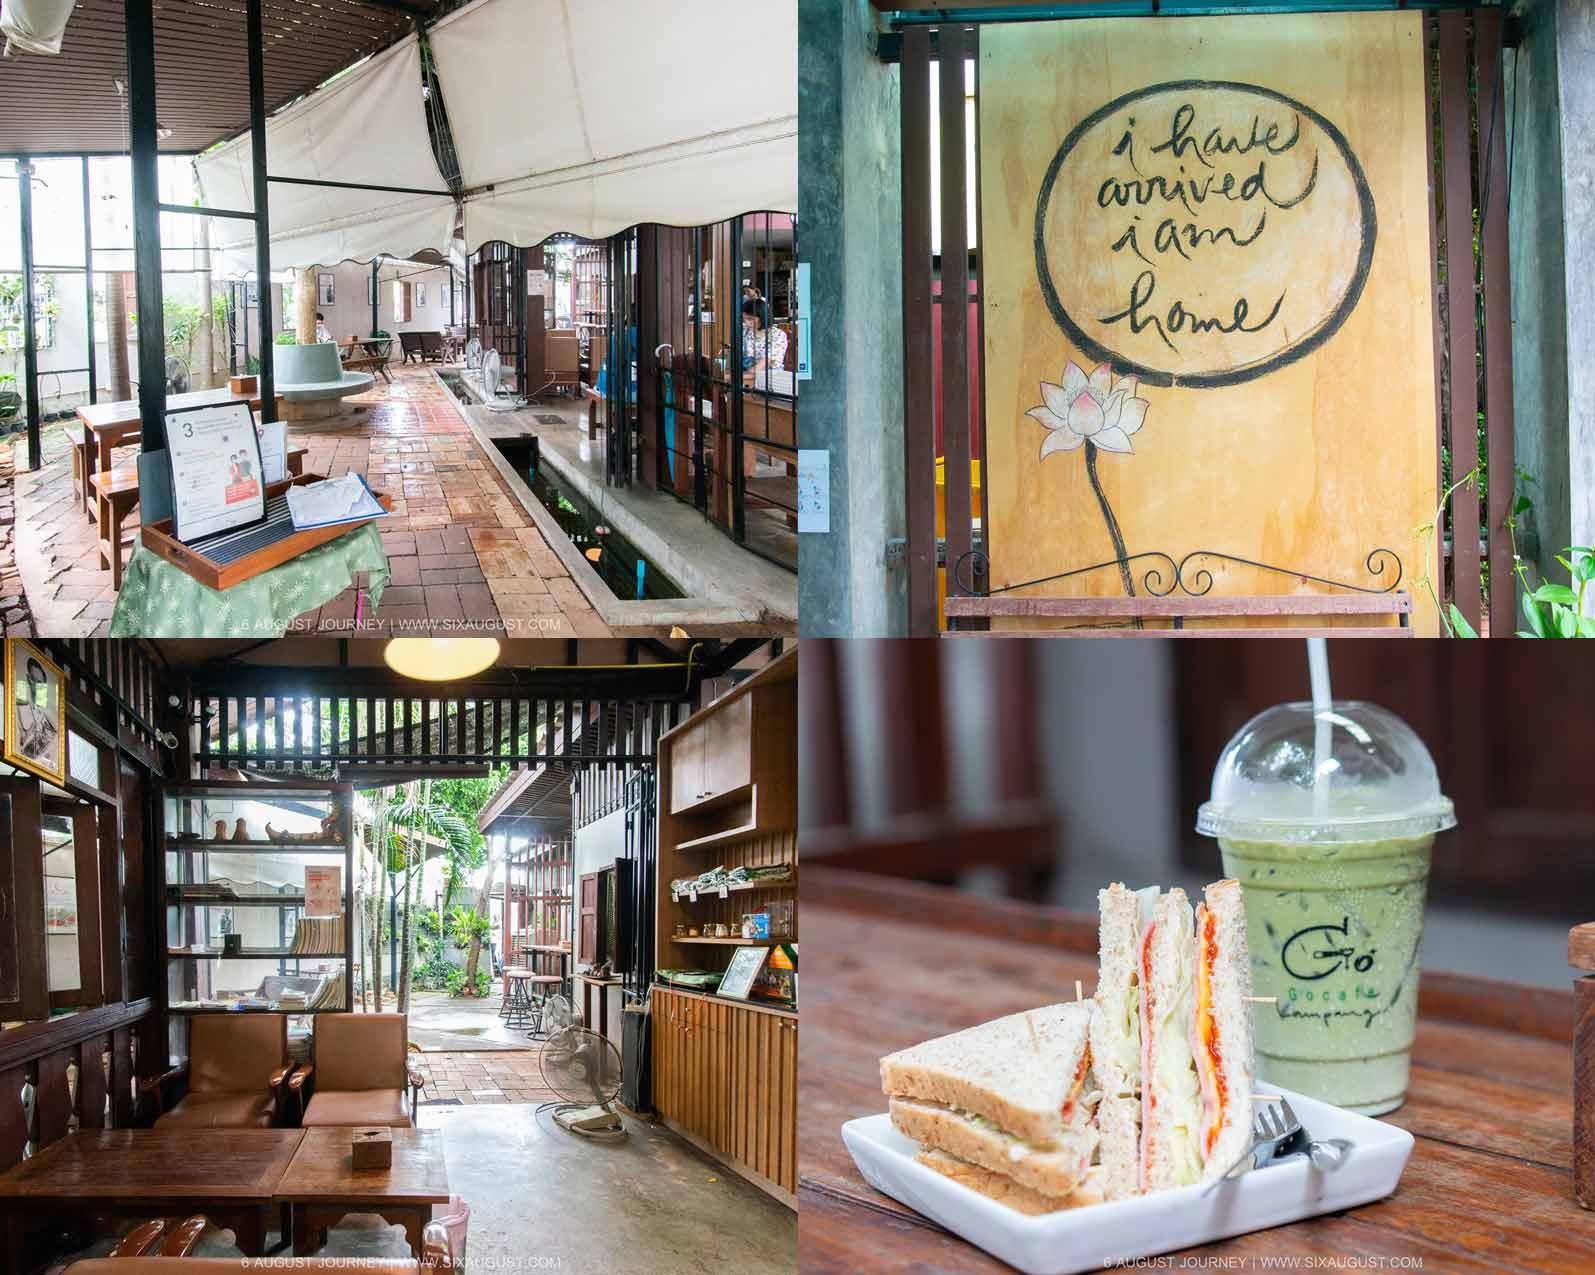 โก๋กาแฟ ธรรมดา เป็นพิเศษ Go+ Cafe' Lampang ที่เที่ยวลำปาง